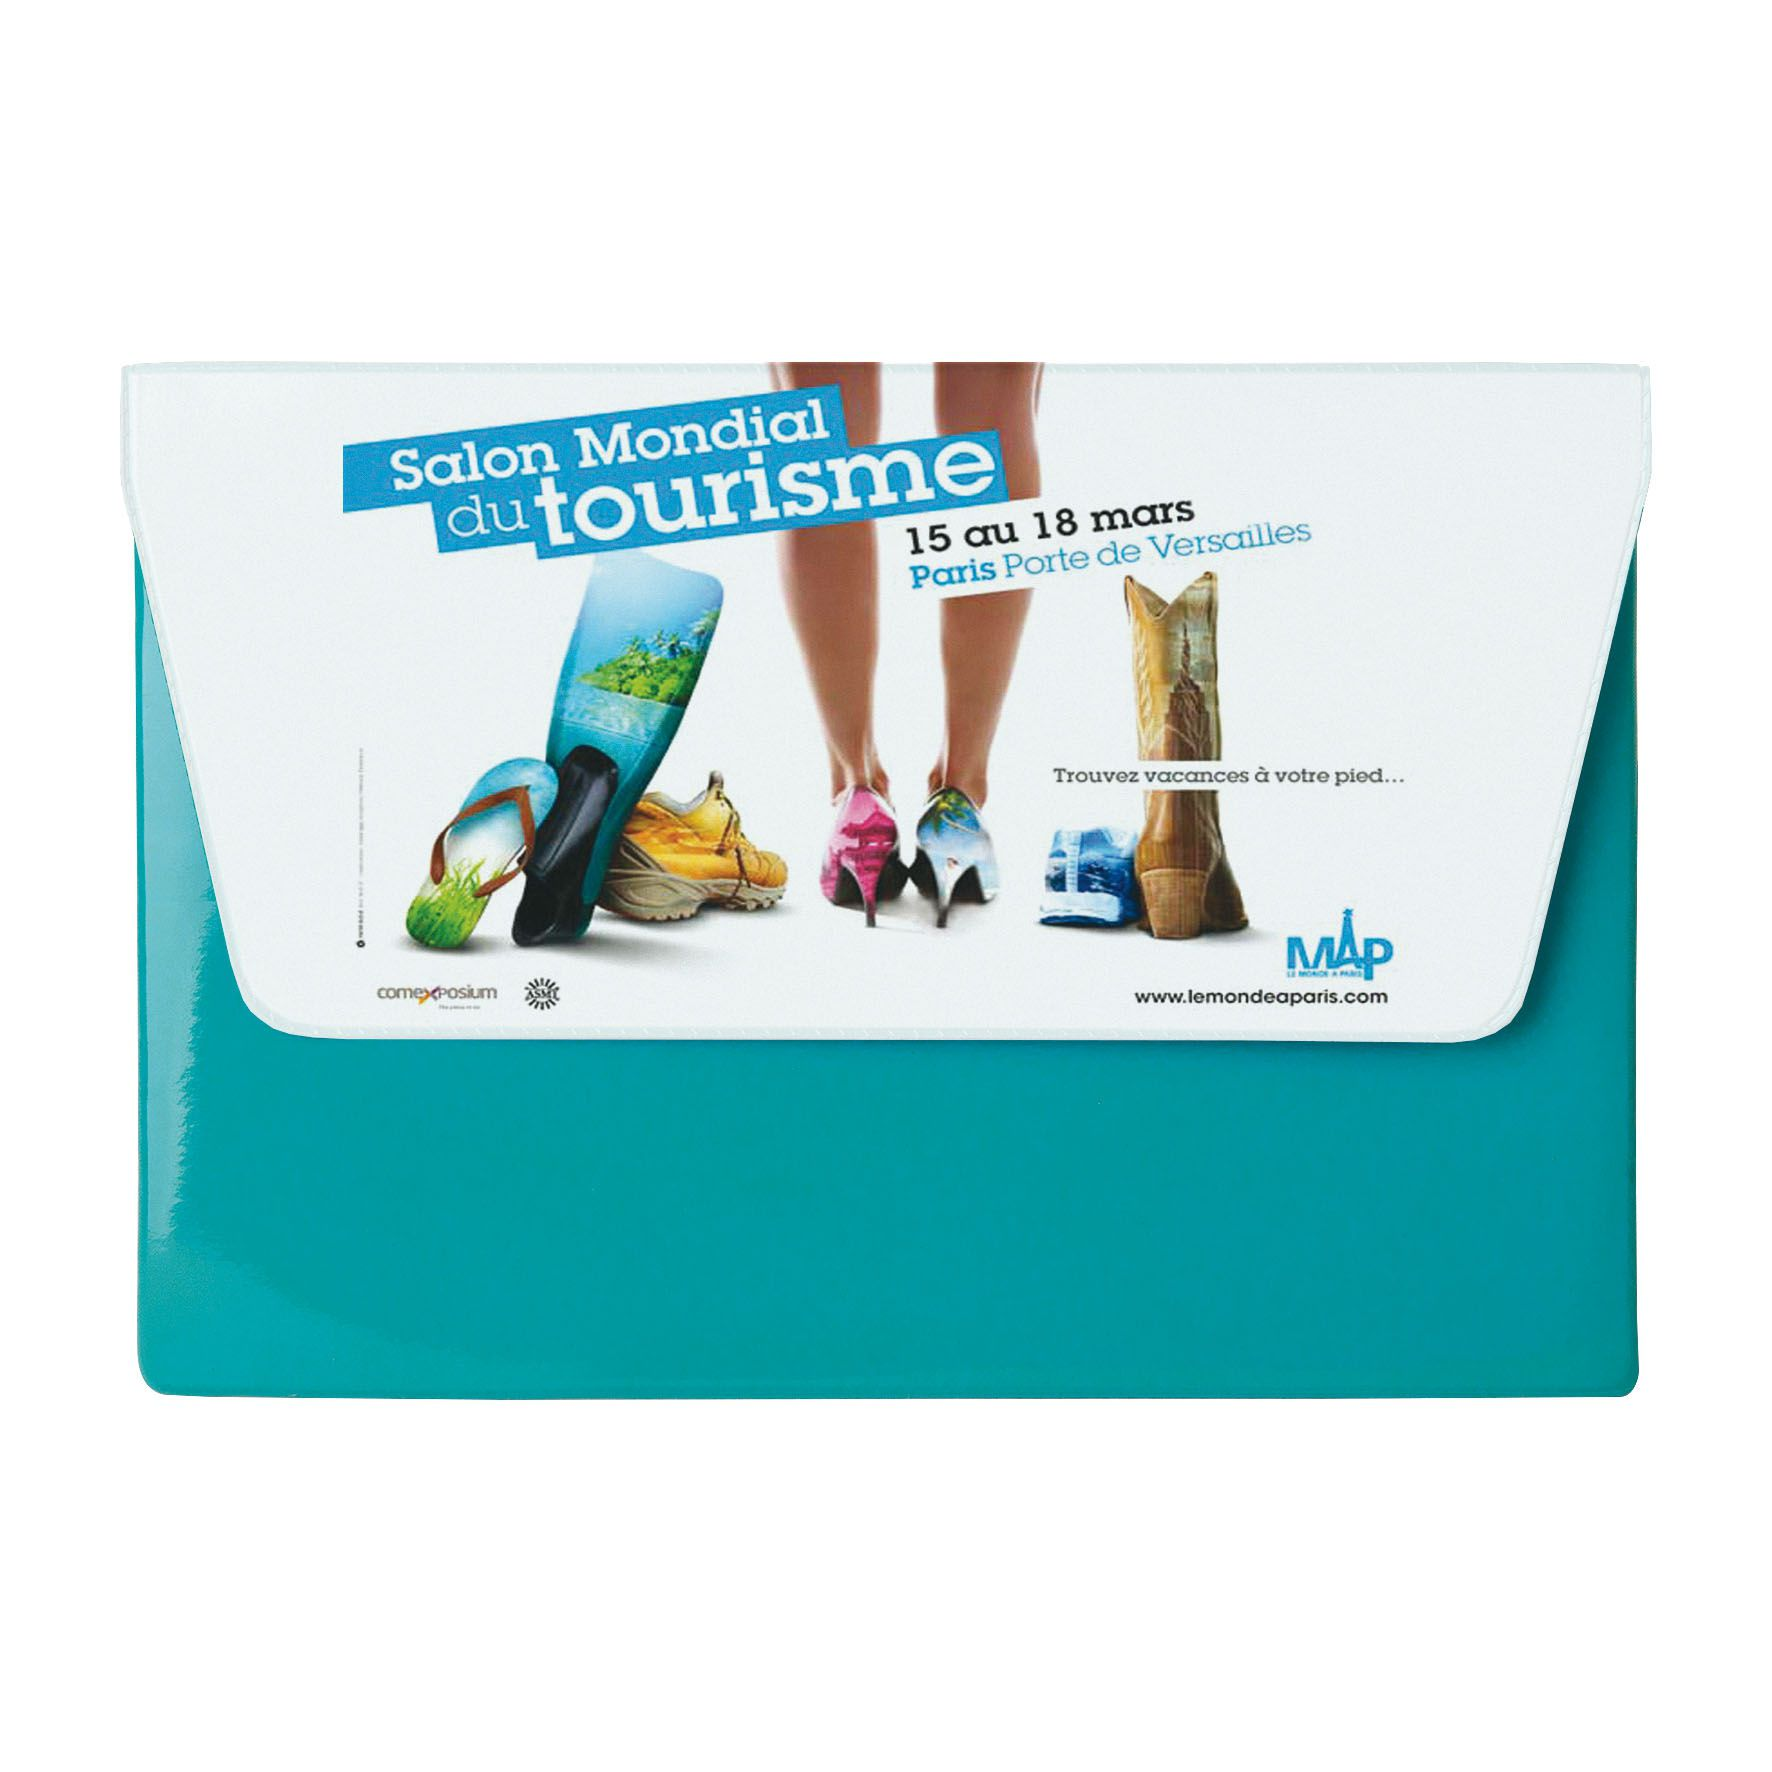 Cadeau publicitaire - Pochette de voyage publicitaire 1 poche A5 - marron